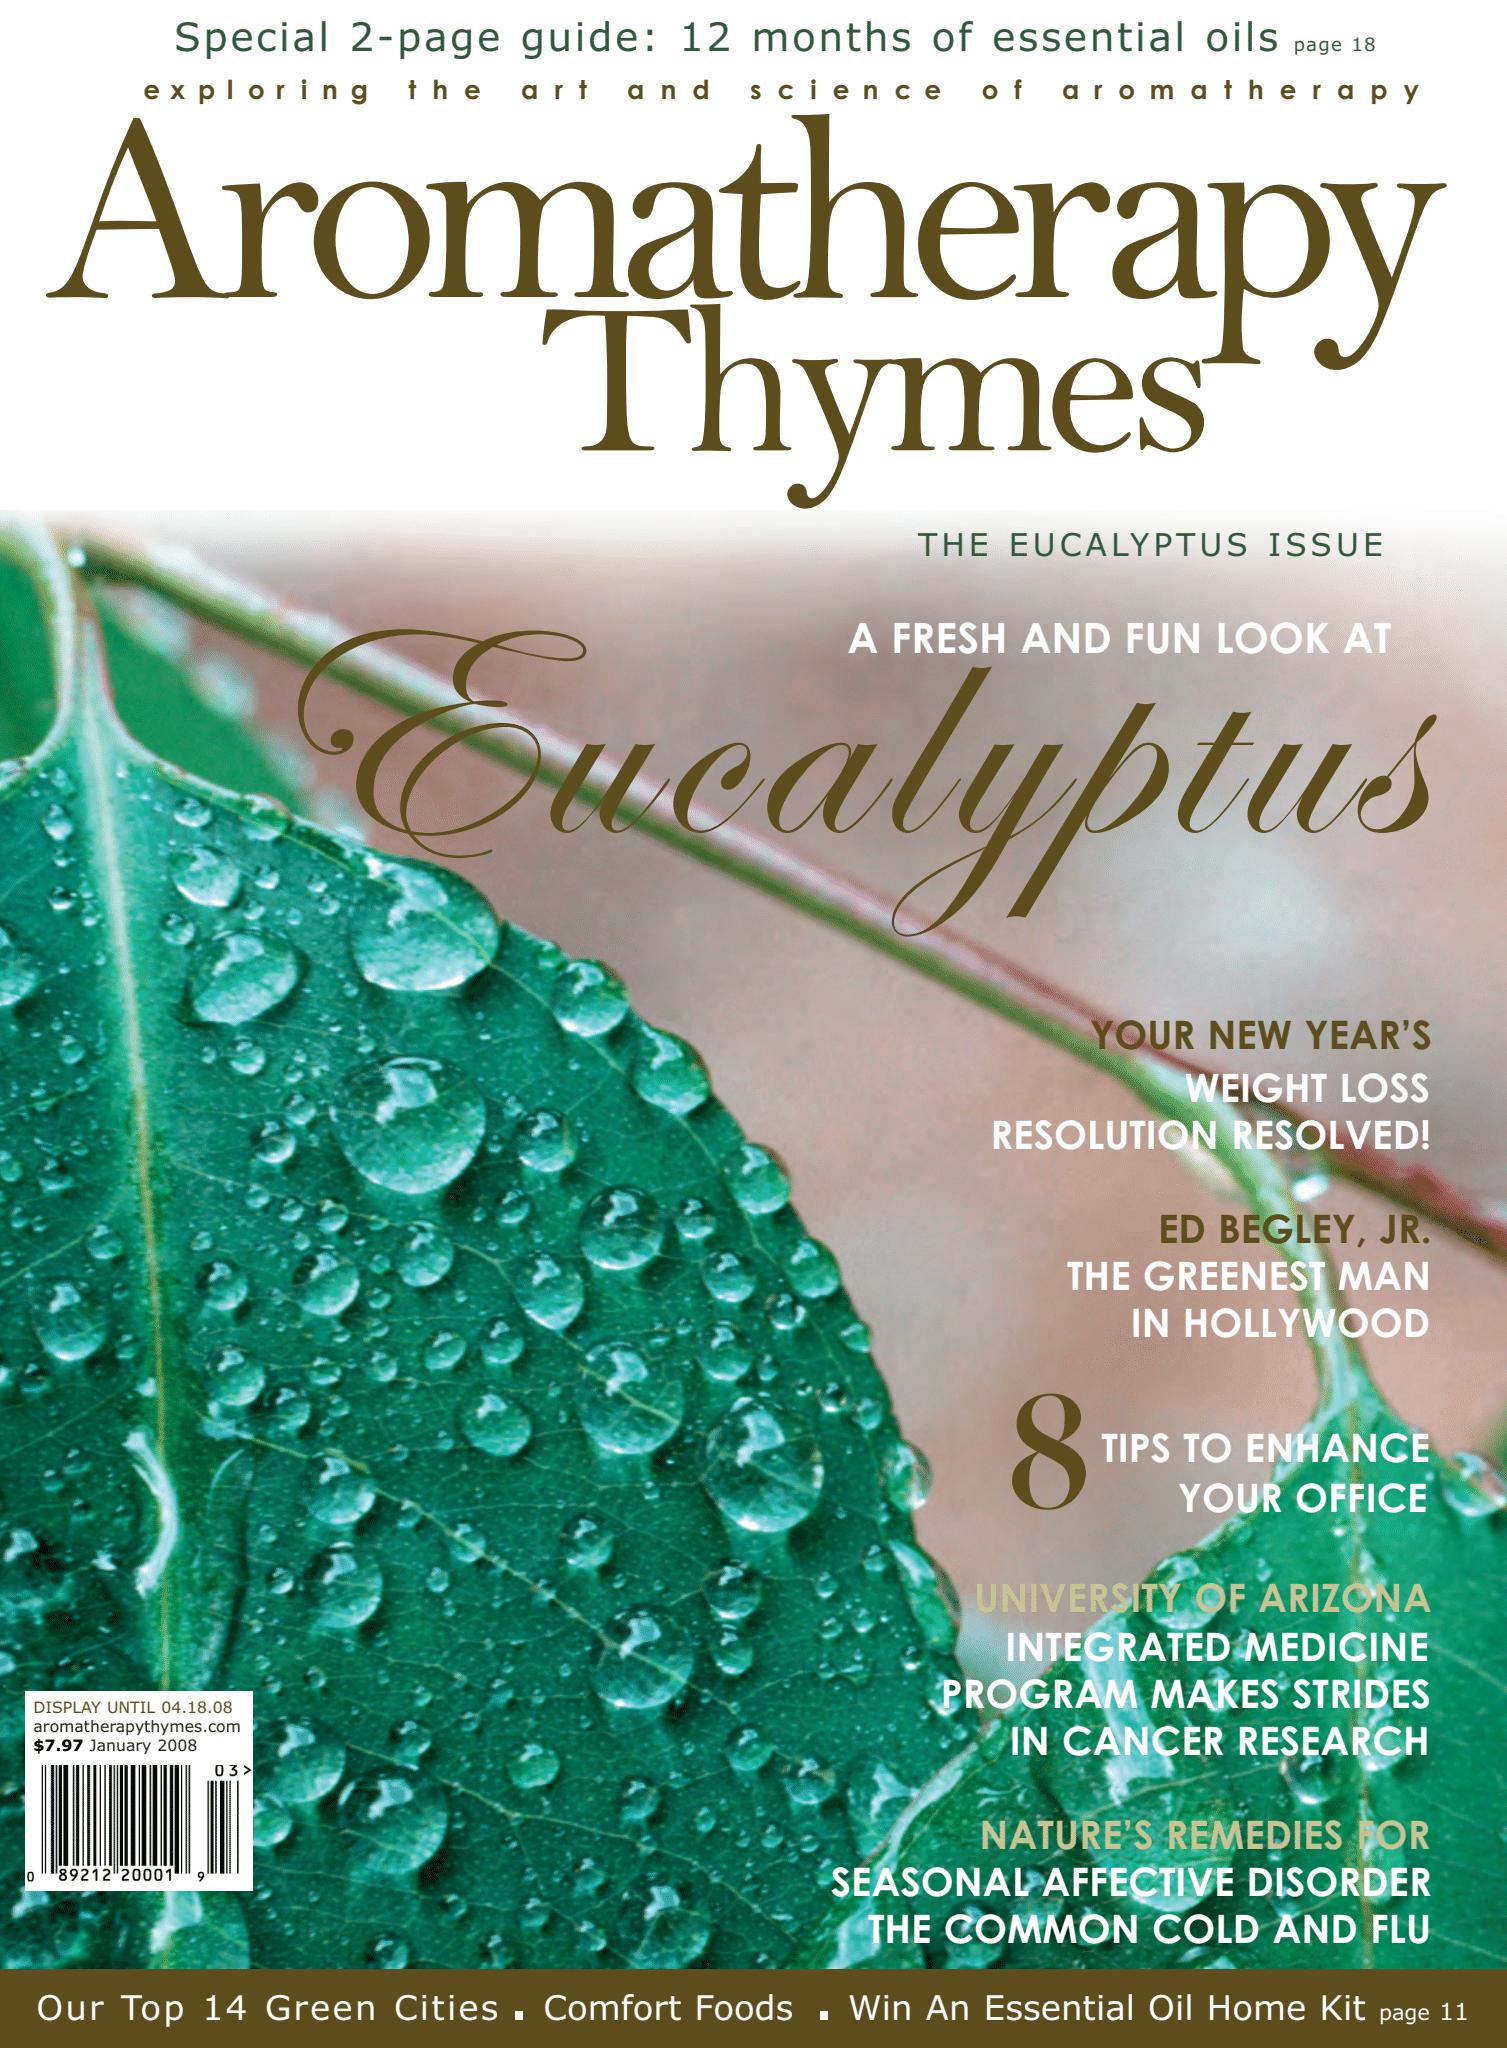 Introducing Eucalyptus